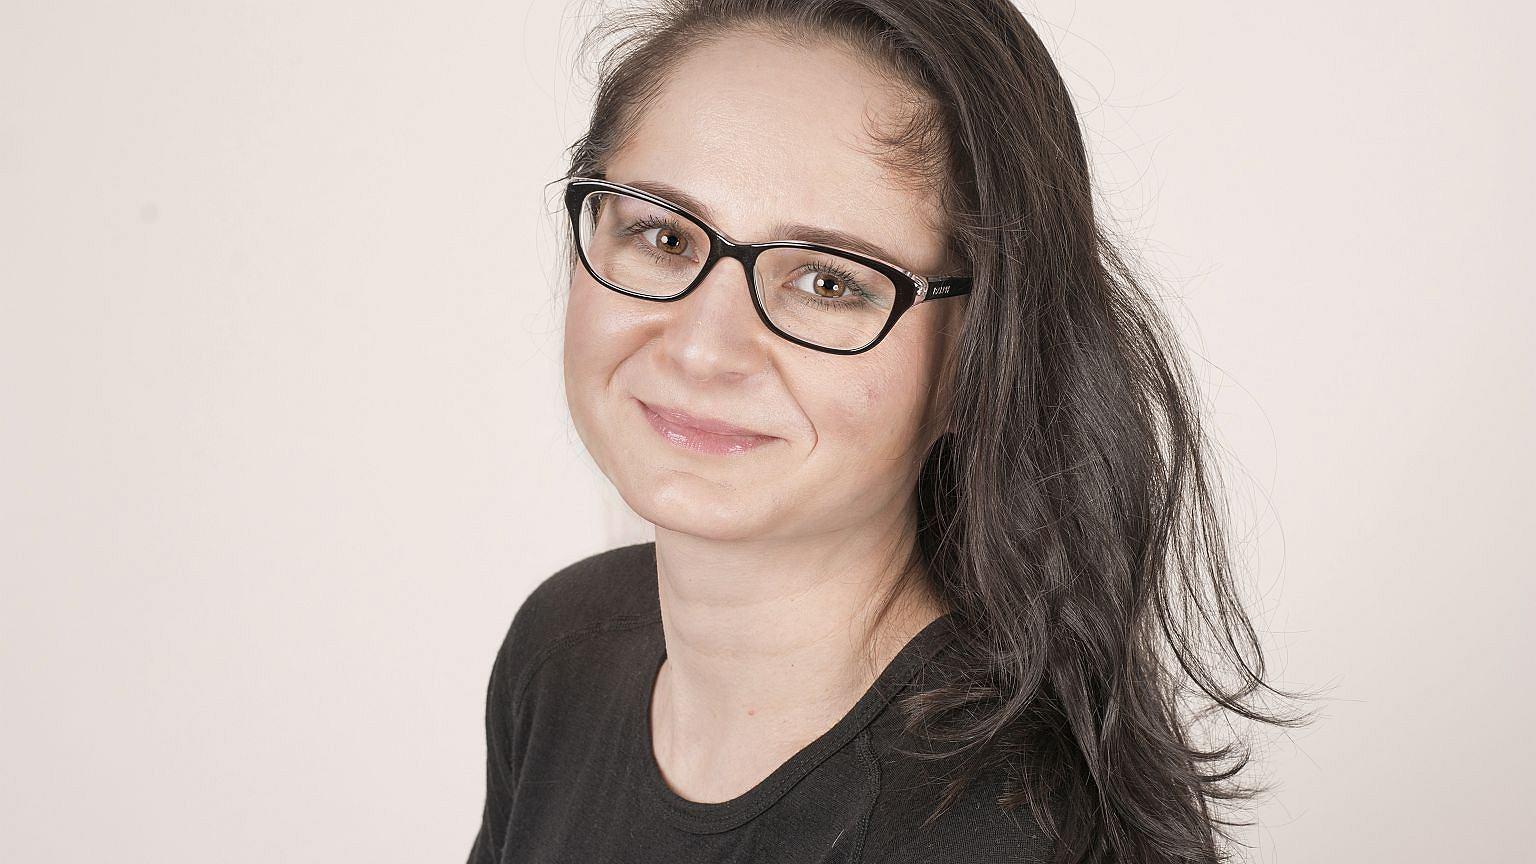 Barbara Zielonka